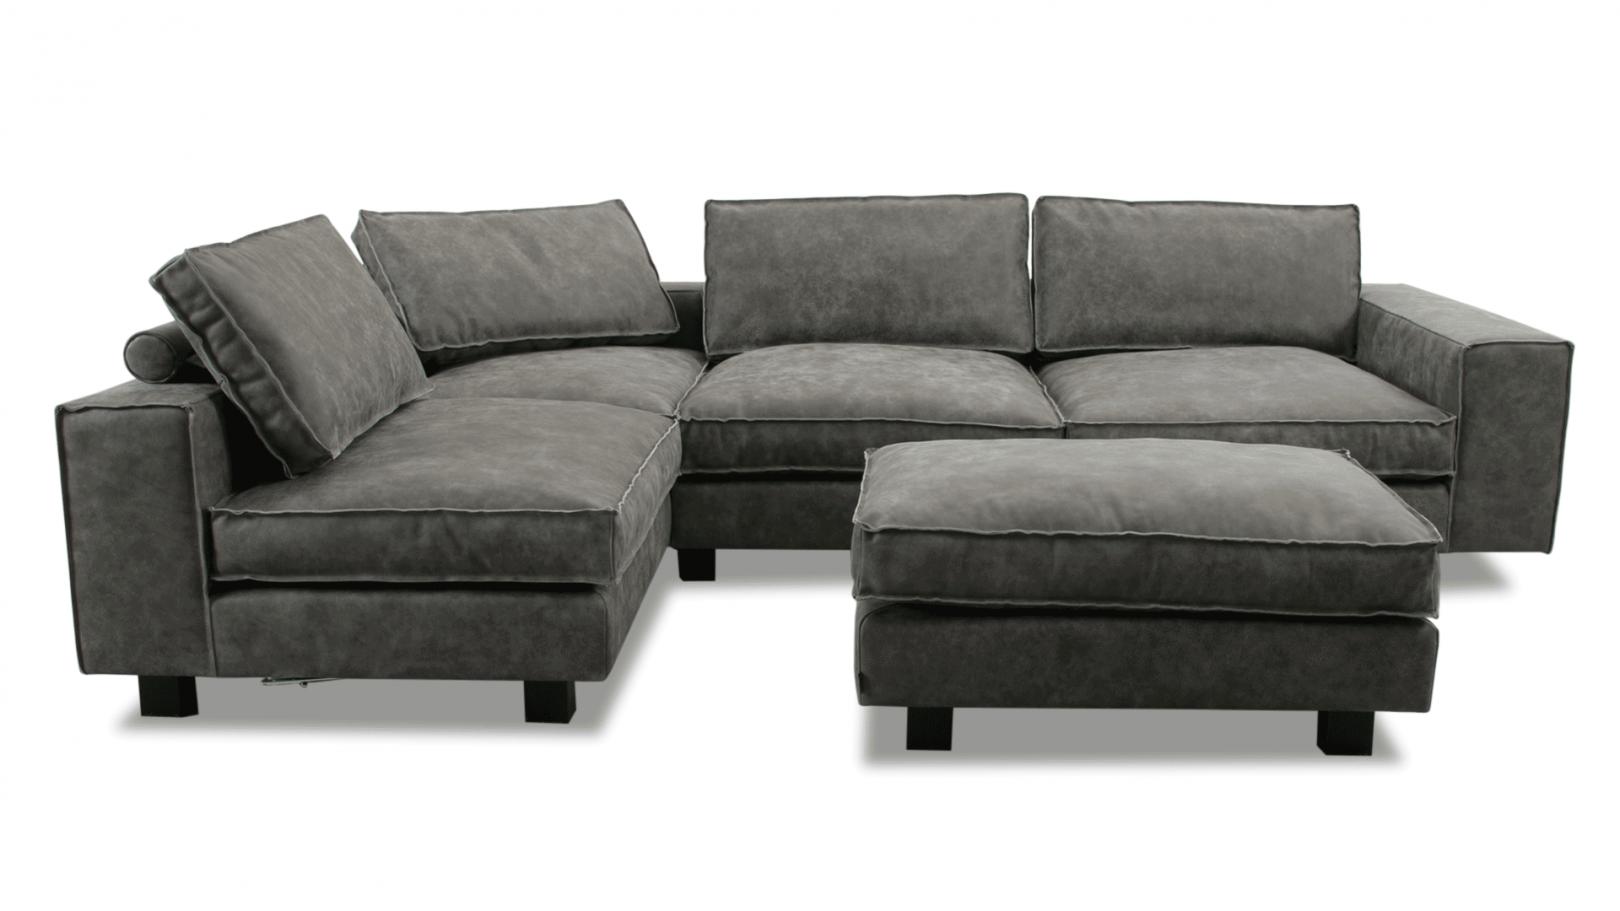 Sitzdesign Markenmobel In 2020 Sitzen Sofa Outlet Ecksofa